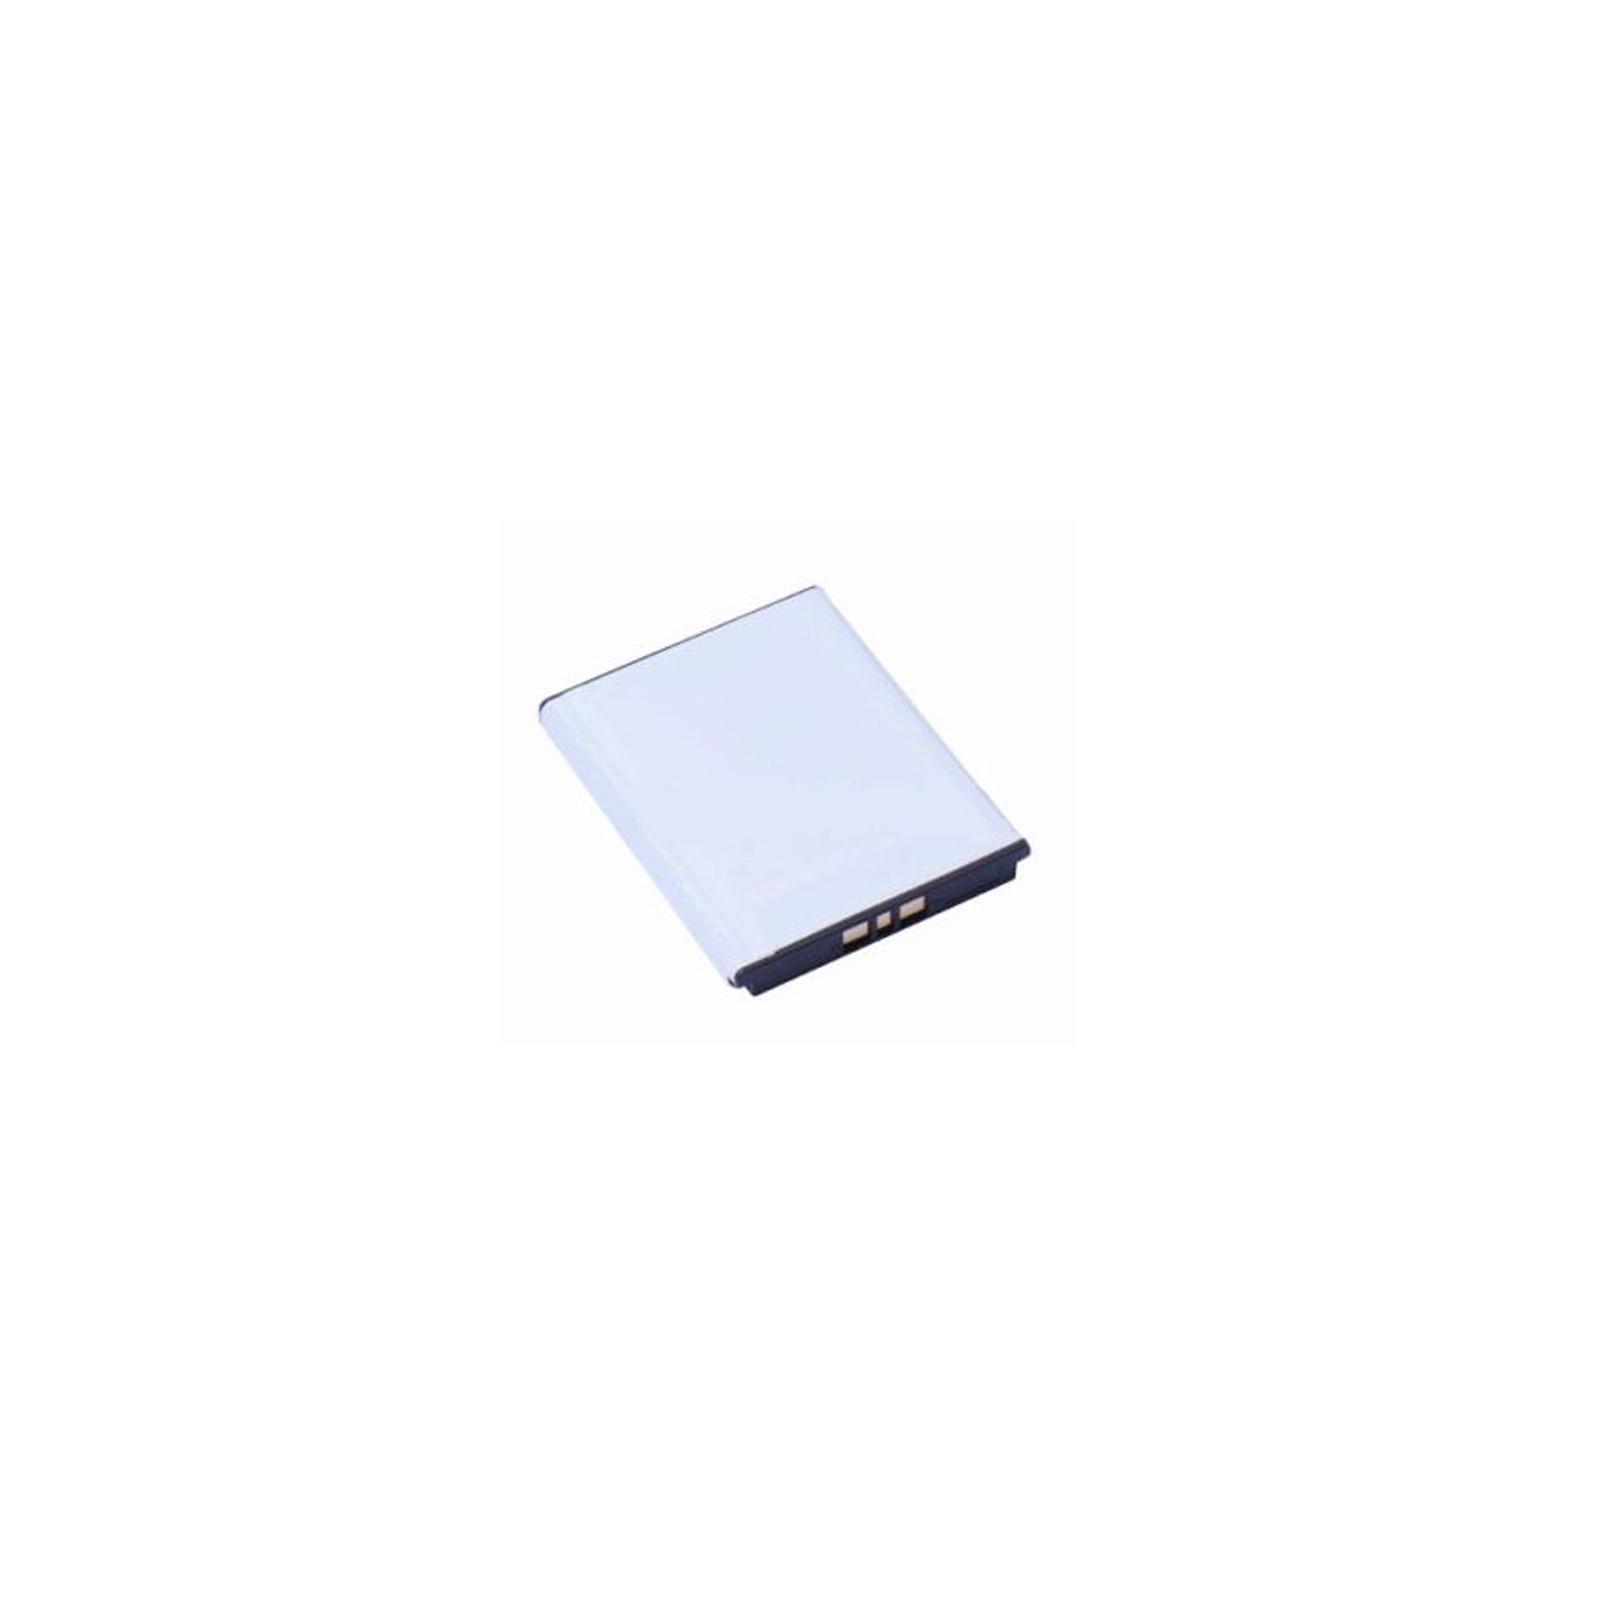 Аккумуляторная батарея PowerPlant Sony Ericsson BST-40 (P1, P1i) (DV00DV6028)